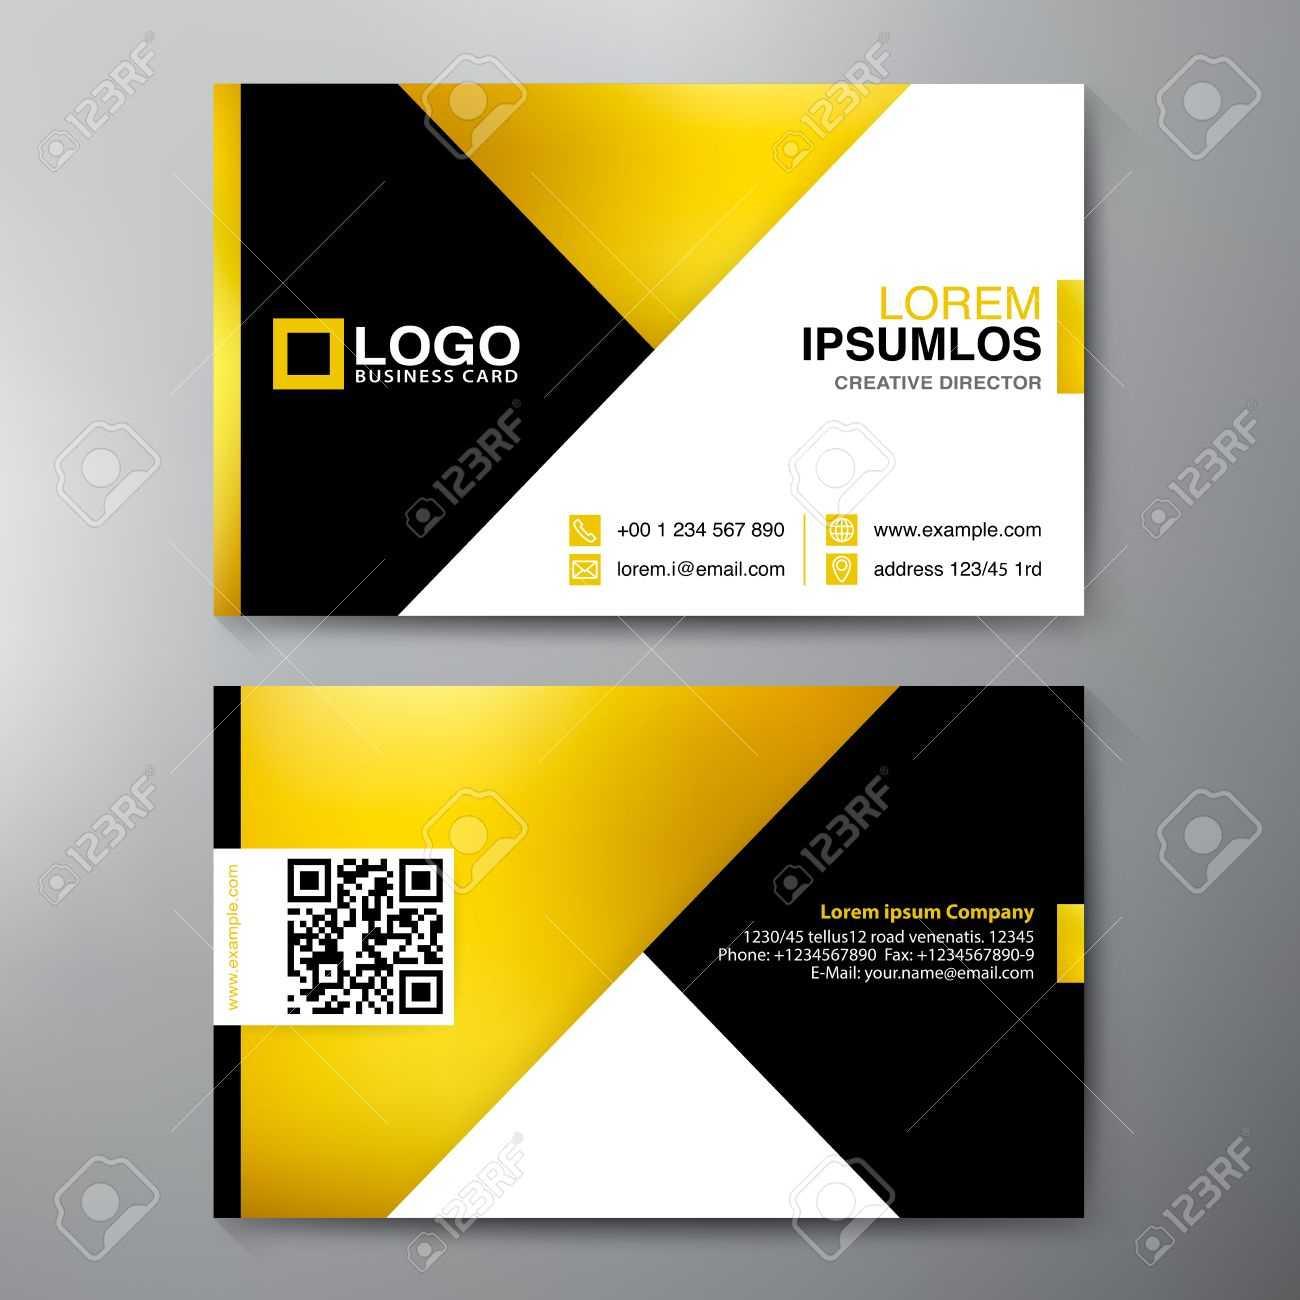 Modern Business Card Design Template. Vector Illustration Pertaining To Modern Business Card Design Templates